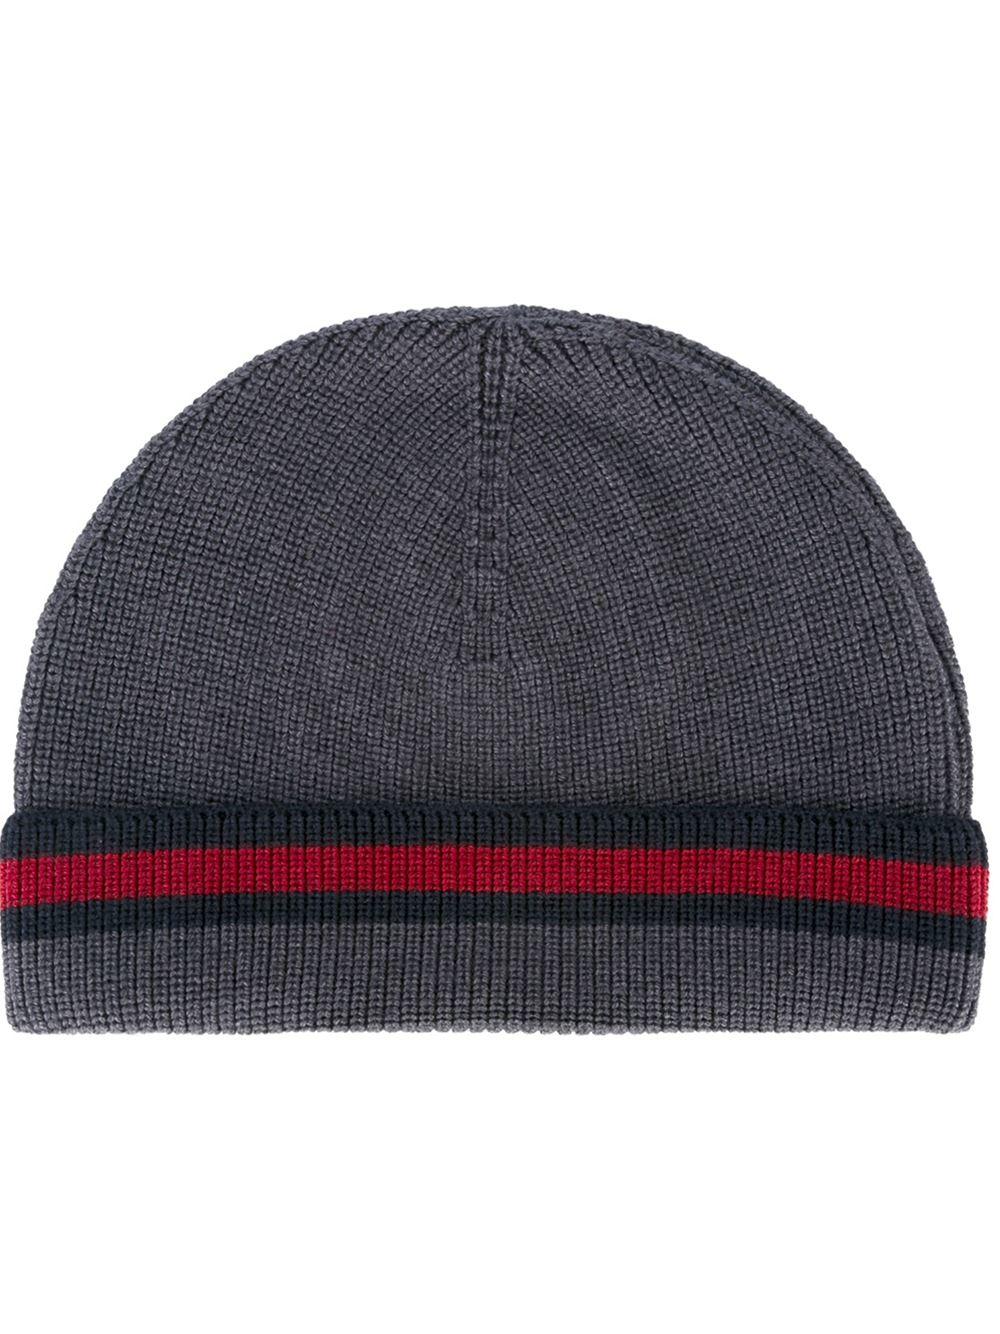 39038872 Gucci Wool Beanie Hat